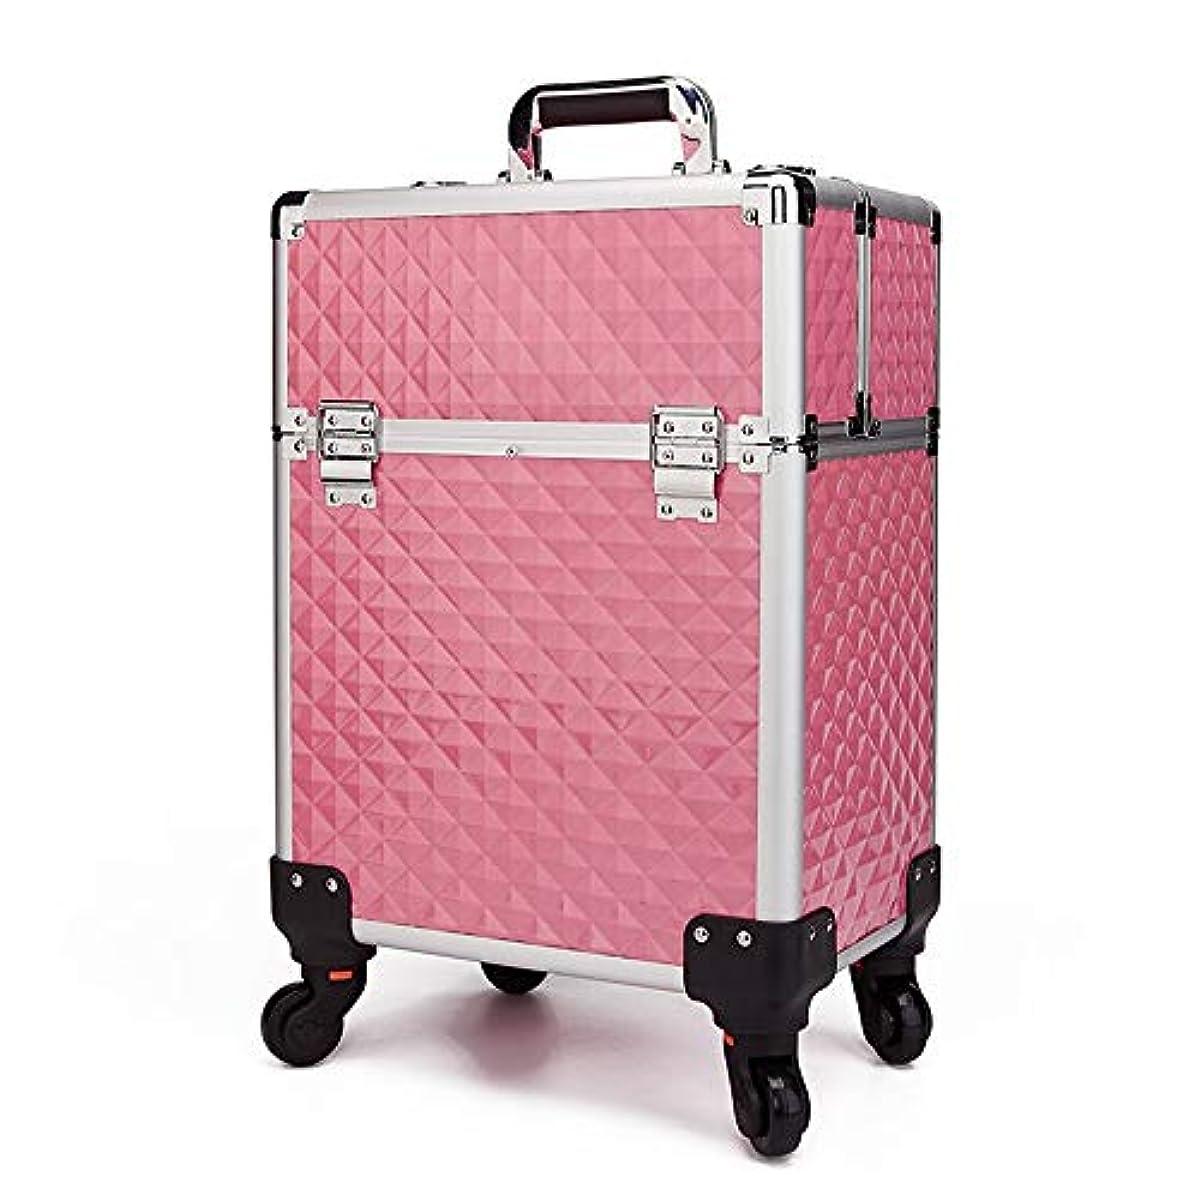 スチュワーデスナンセンス処理特大スペース収納ビューティーボックス 女の子の女性旅行のための新しく、実用的な携帯用化粧箱およびロックおよび皿が付いている毎日の貯蔵 化粧品化粧台 (色 : ピンク)